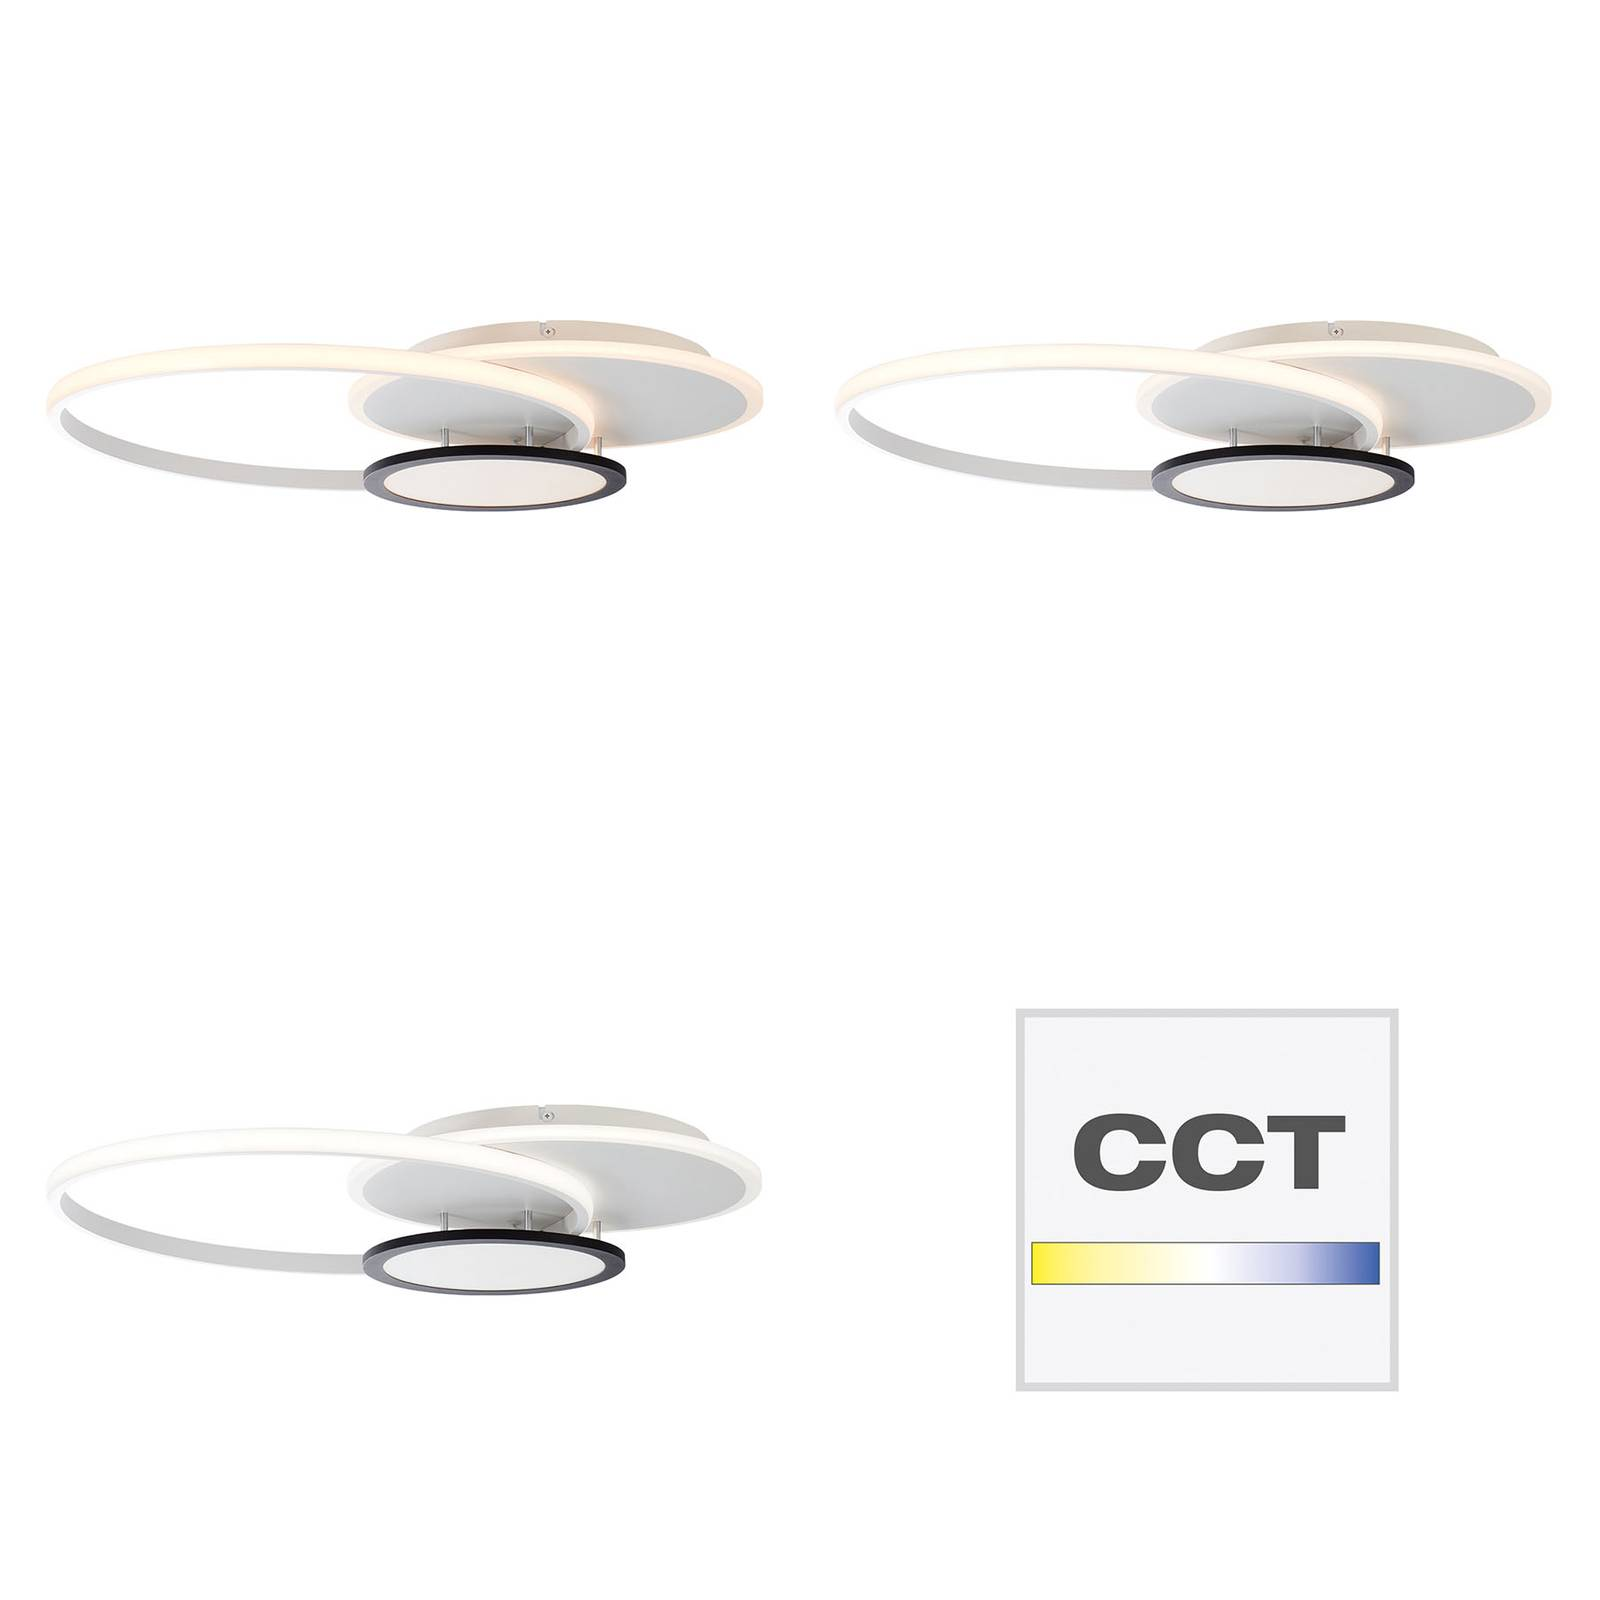 AEG Halsey -LED-kattovalaisin, CCT, himmennettävä